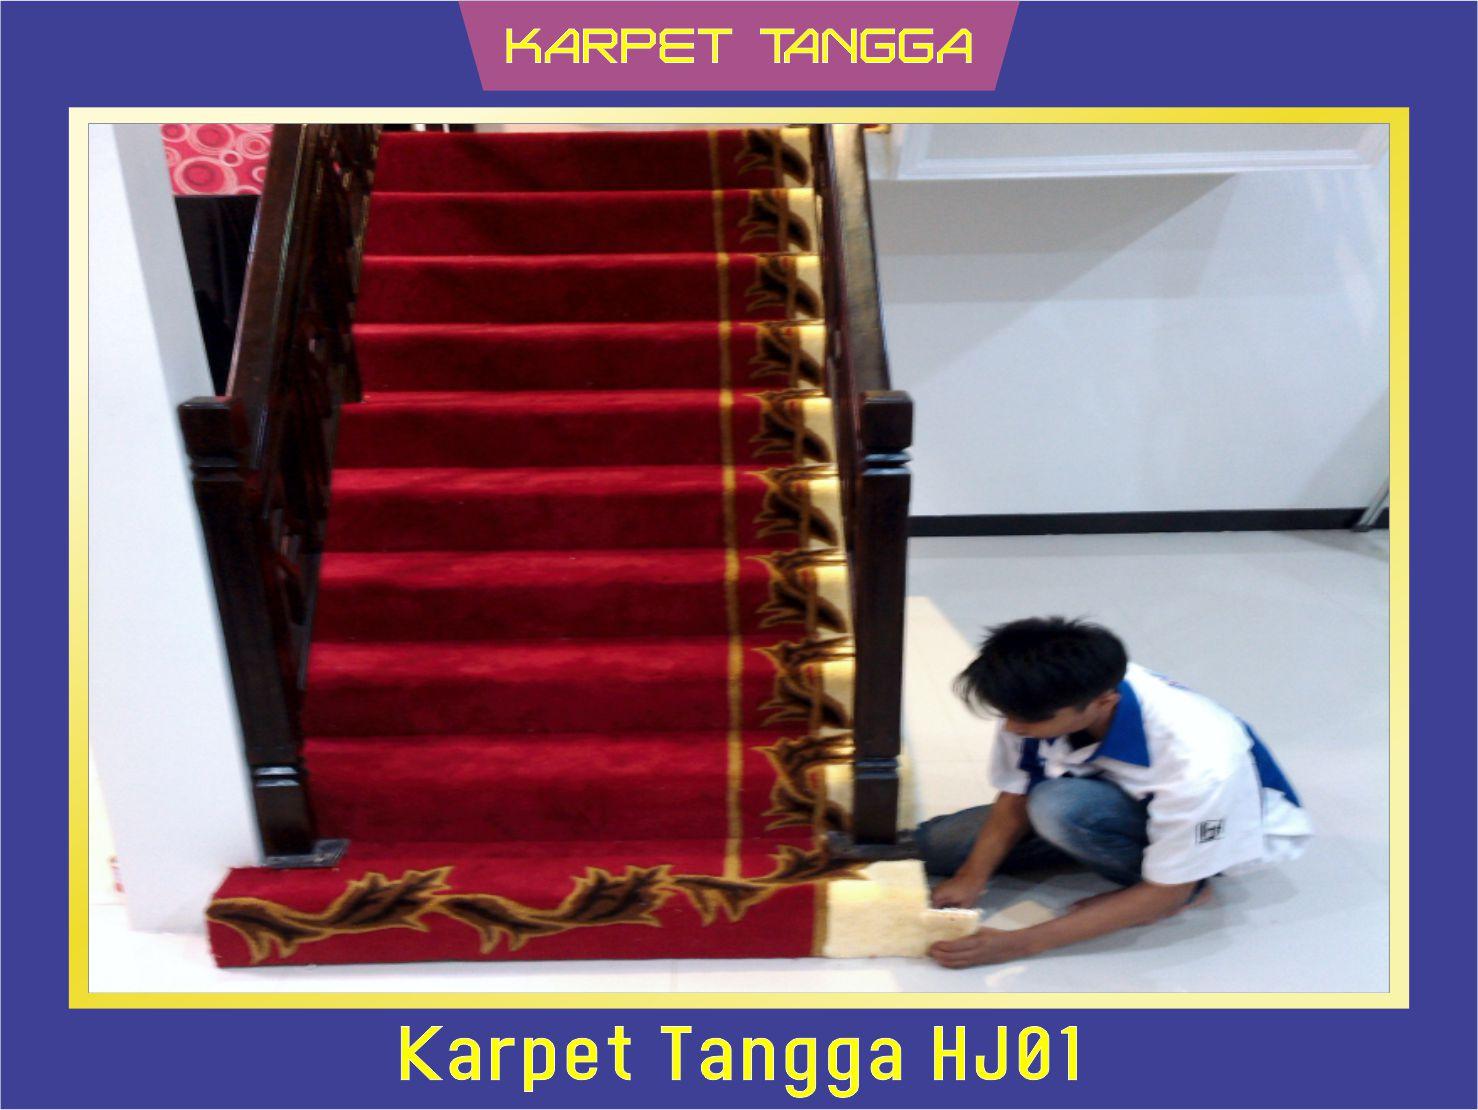 KARPET TANGGA